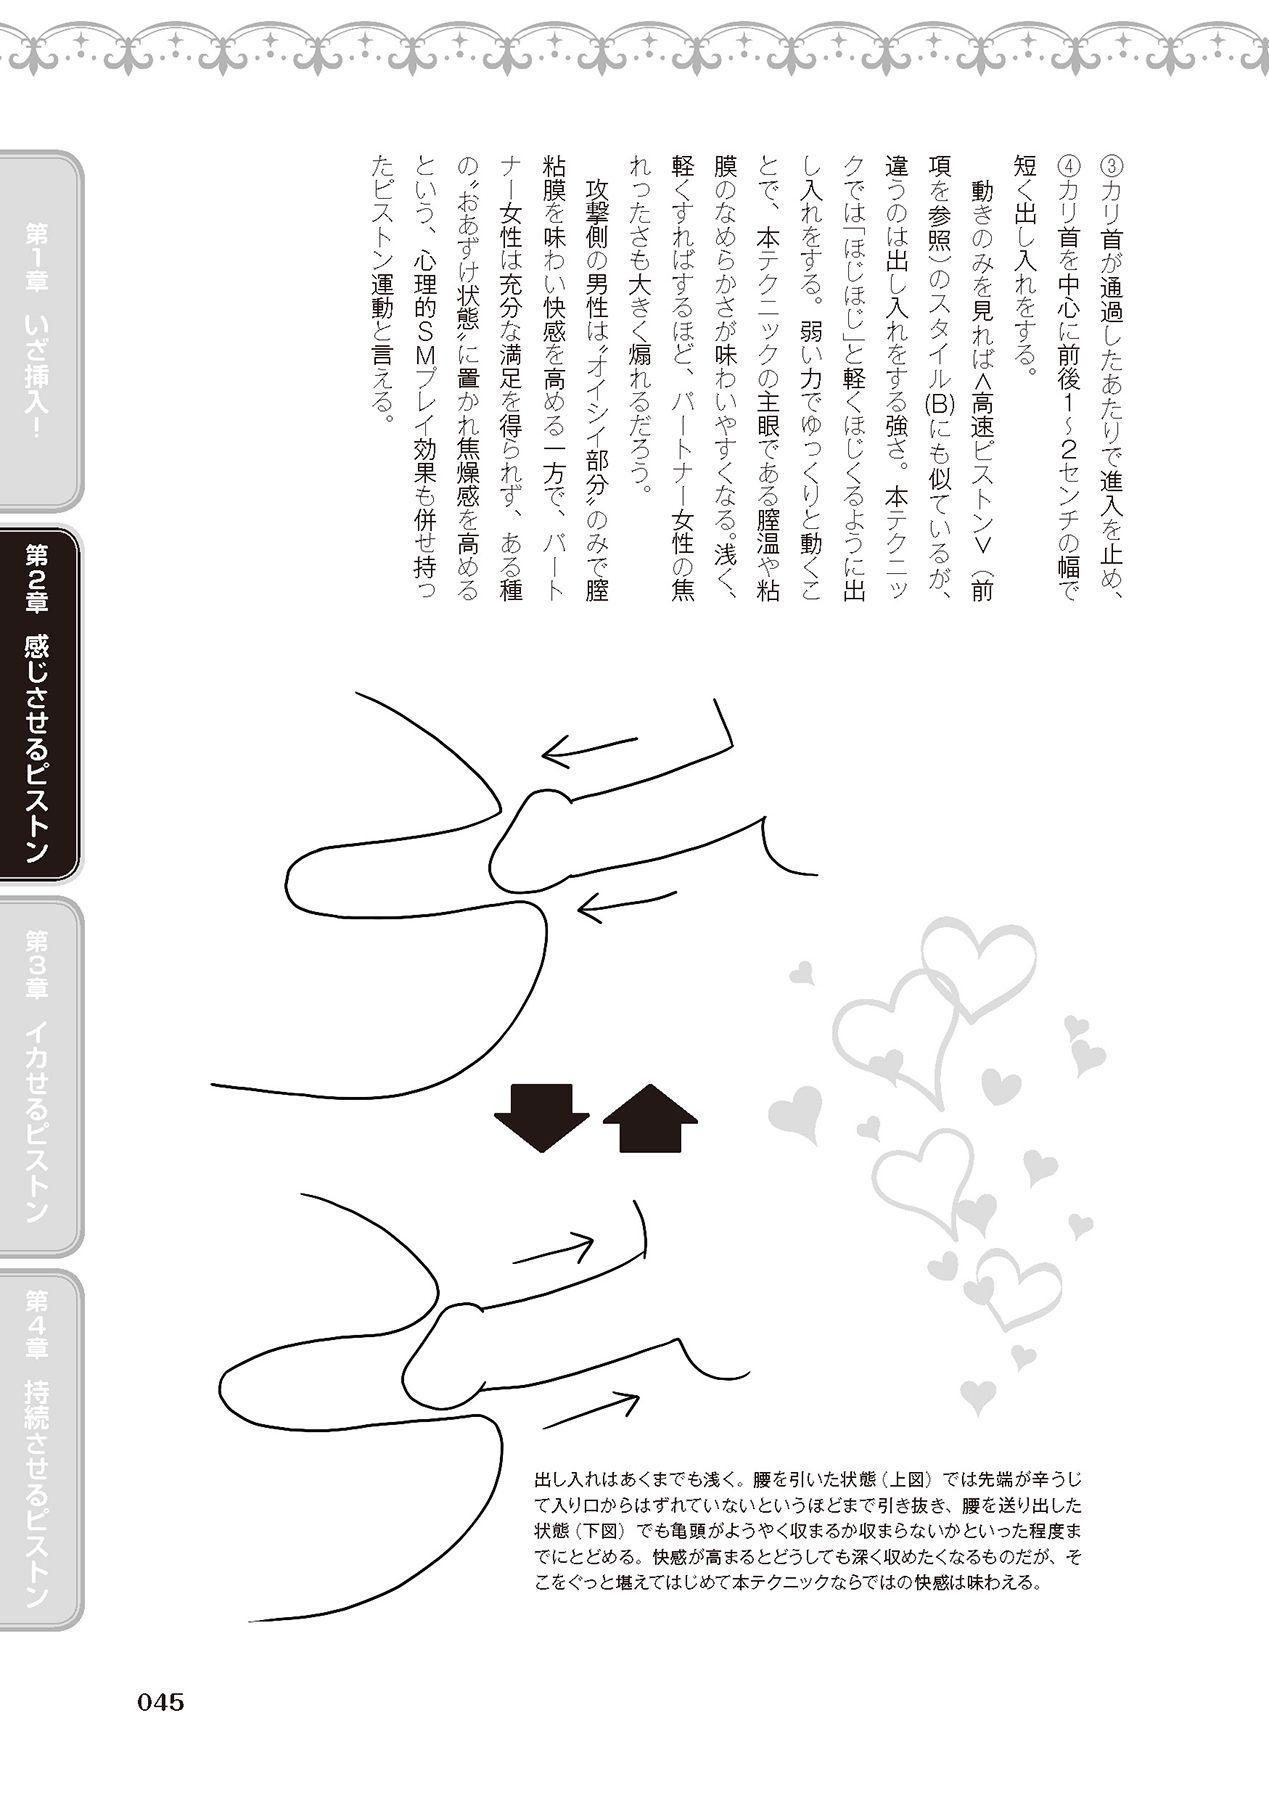 膣挿入&ピストン運動完全マニュアル イラスト版……ピスとんッ! 46